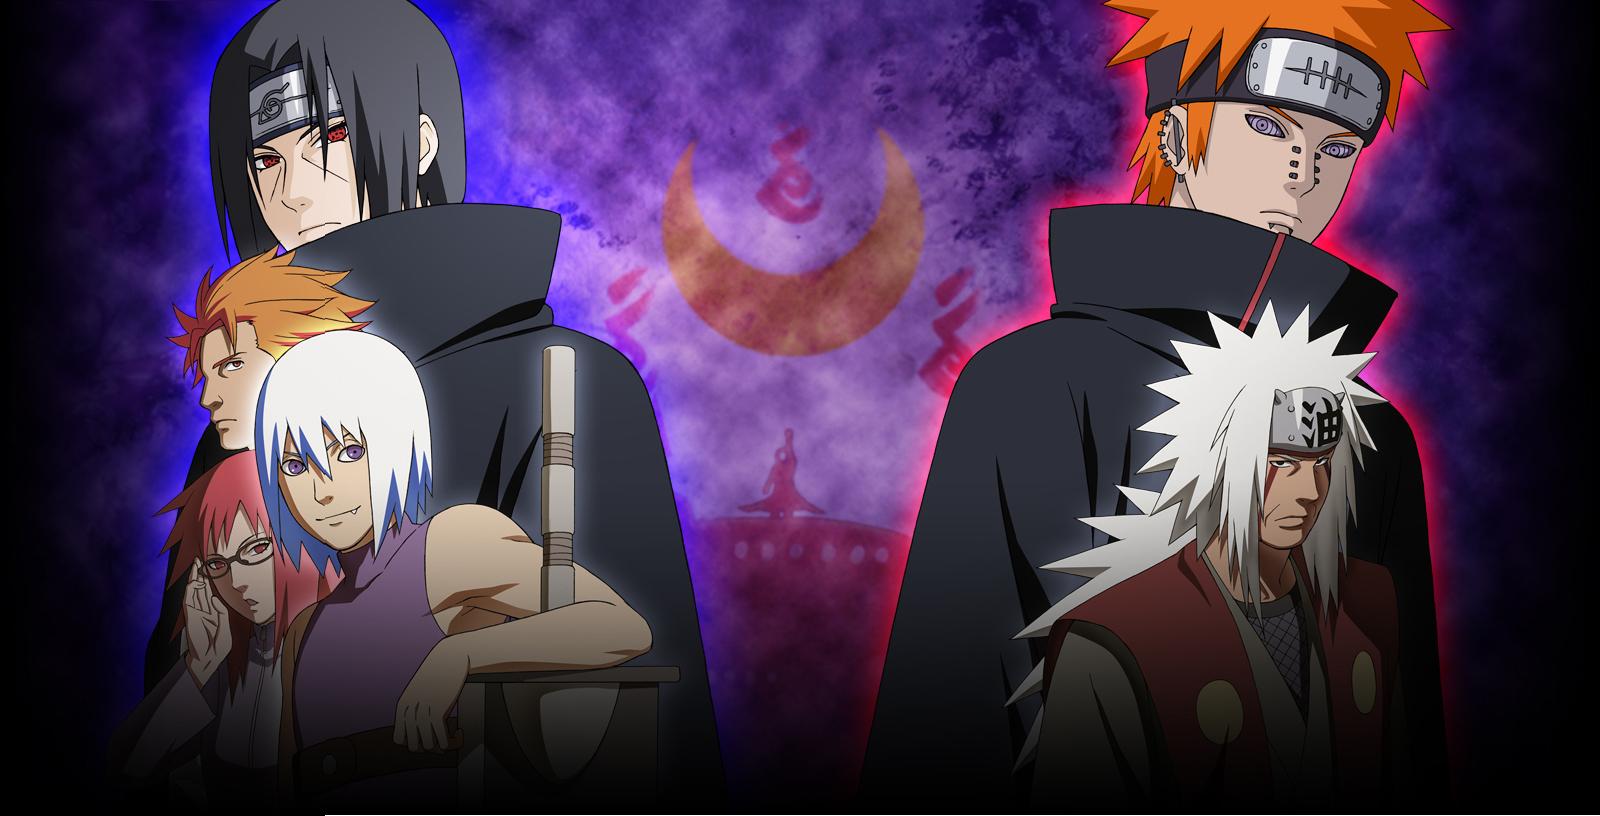 Download Wallpaper Naruto Original - Naruto-Shippuden-Wallpaper  Gallery_248127.jpg